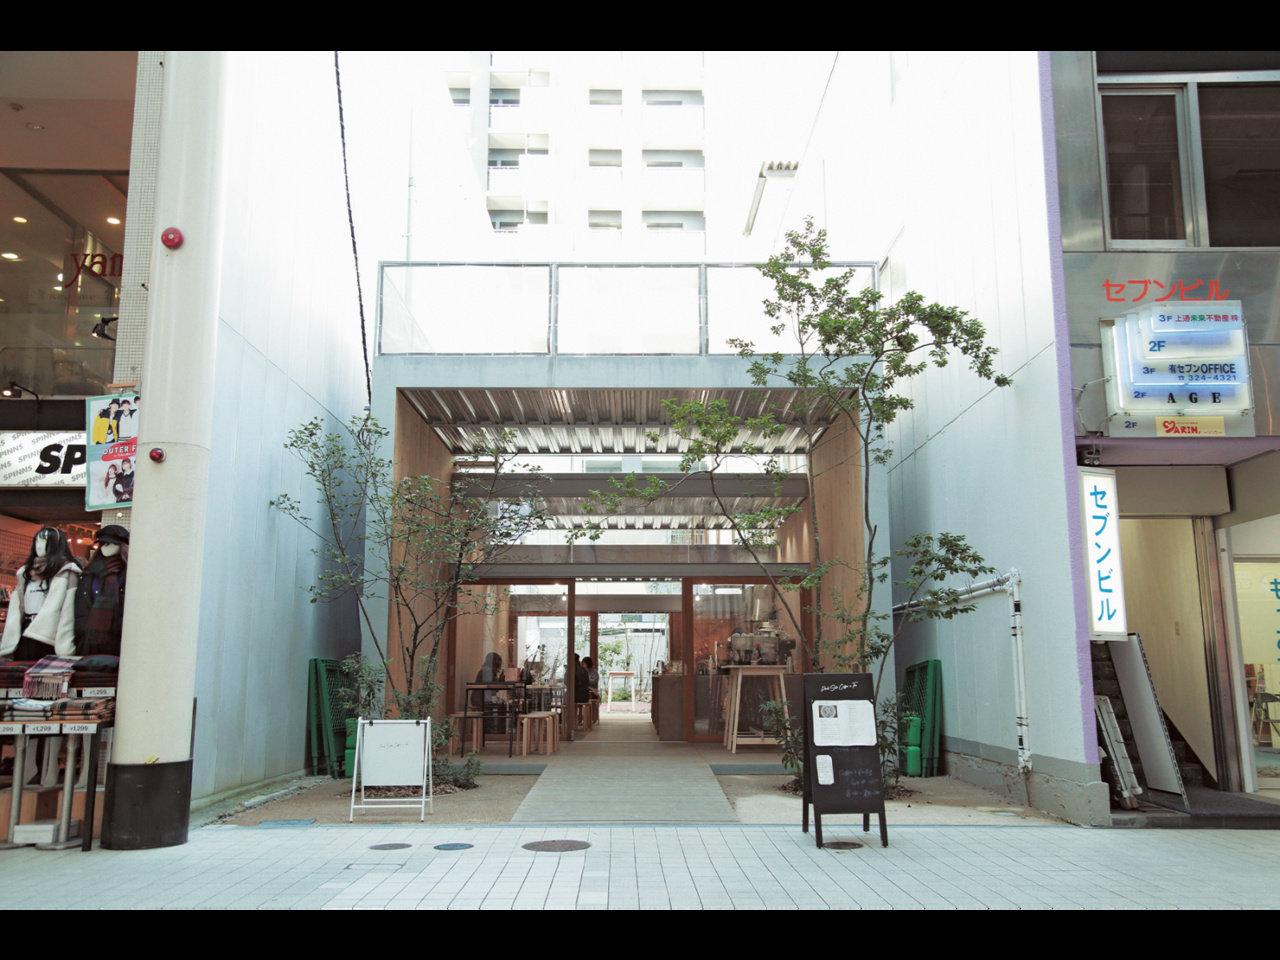 「なにも建てない」。それが最初のスタートでした。面木健さんの『オモケンパーク』。